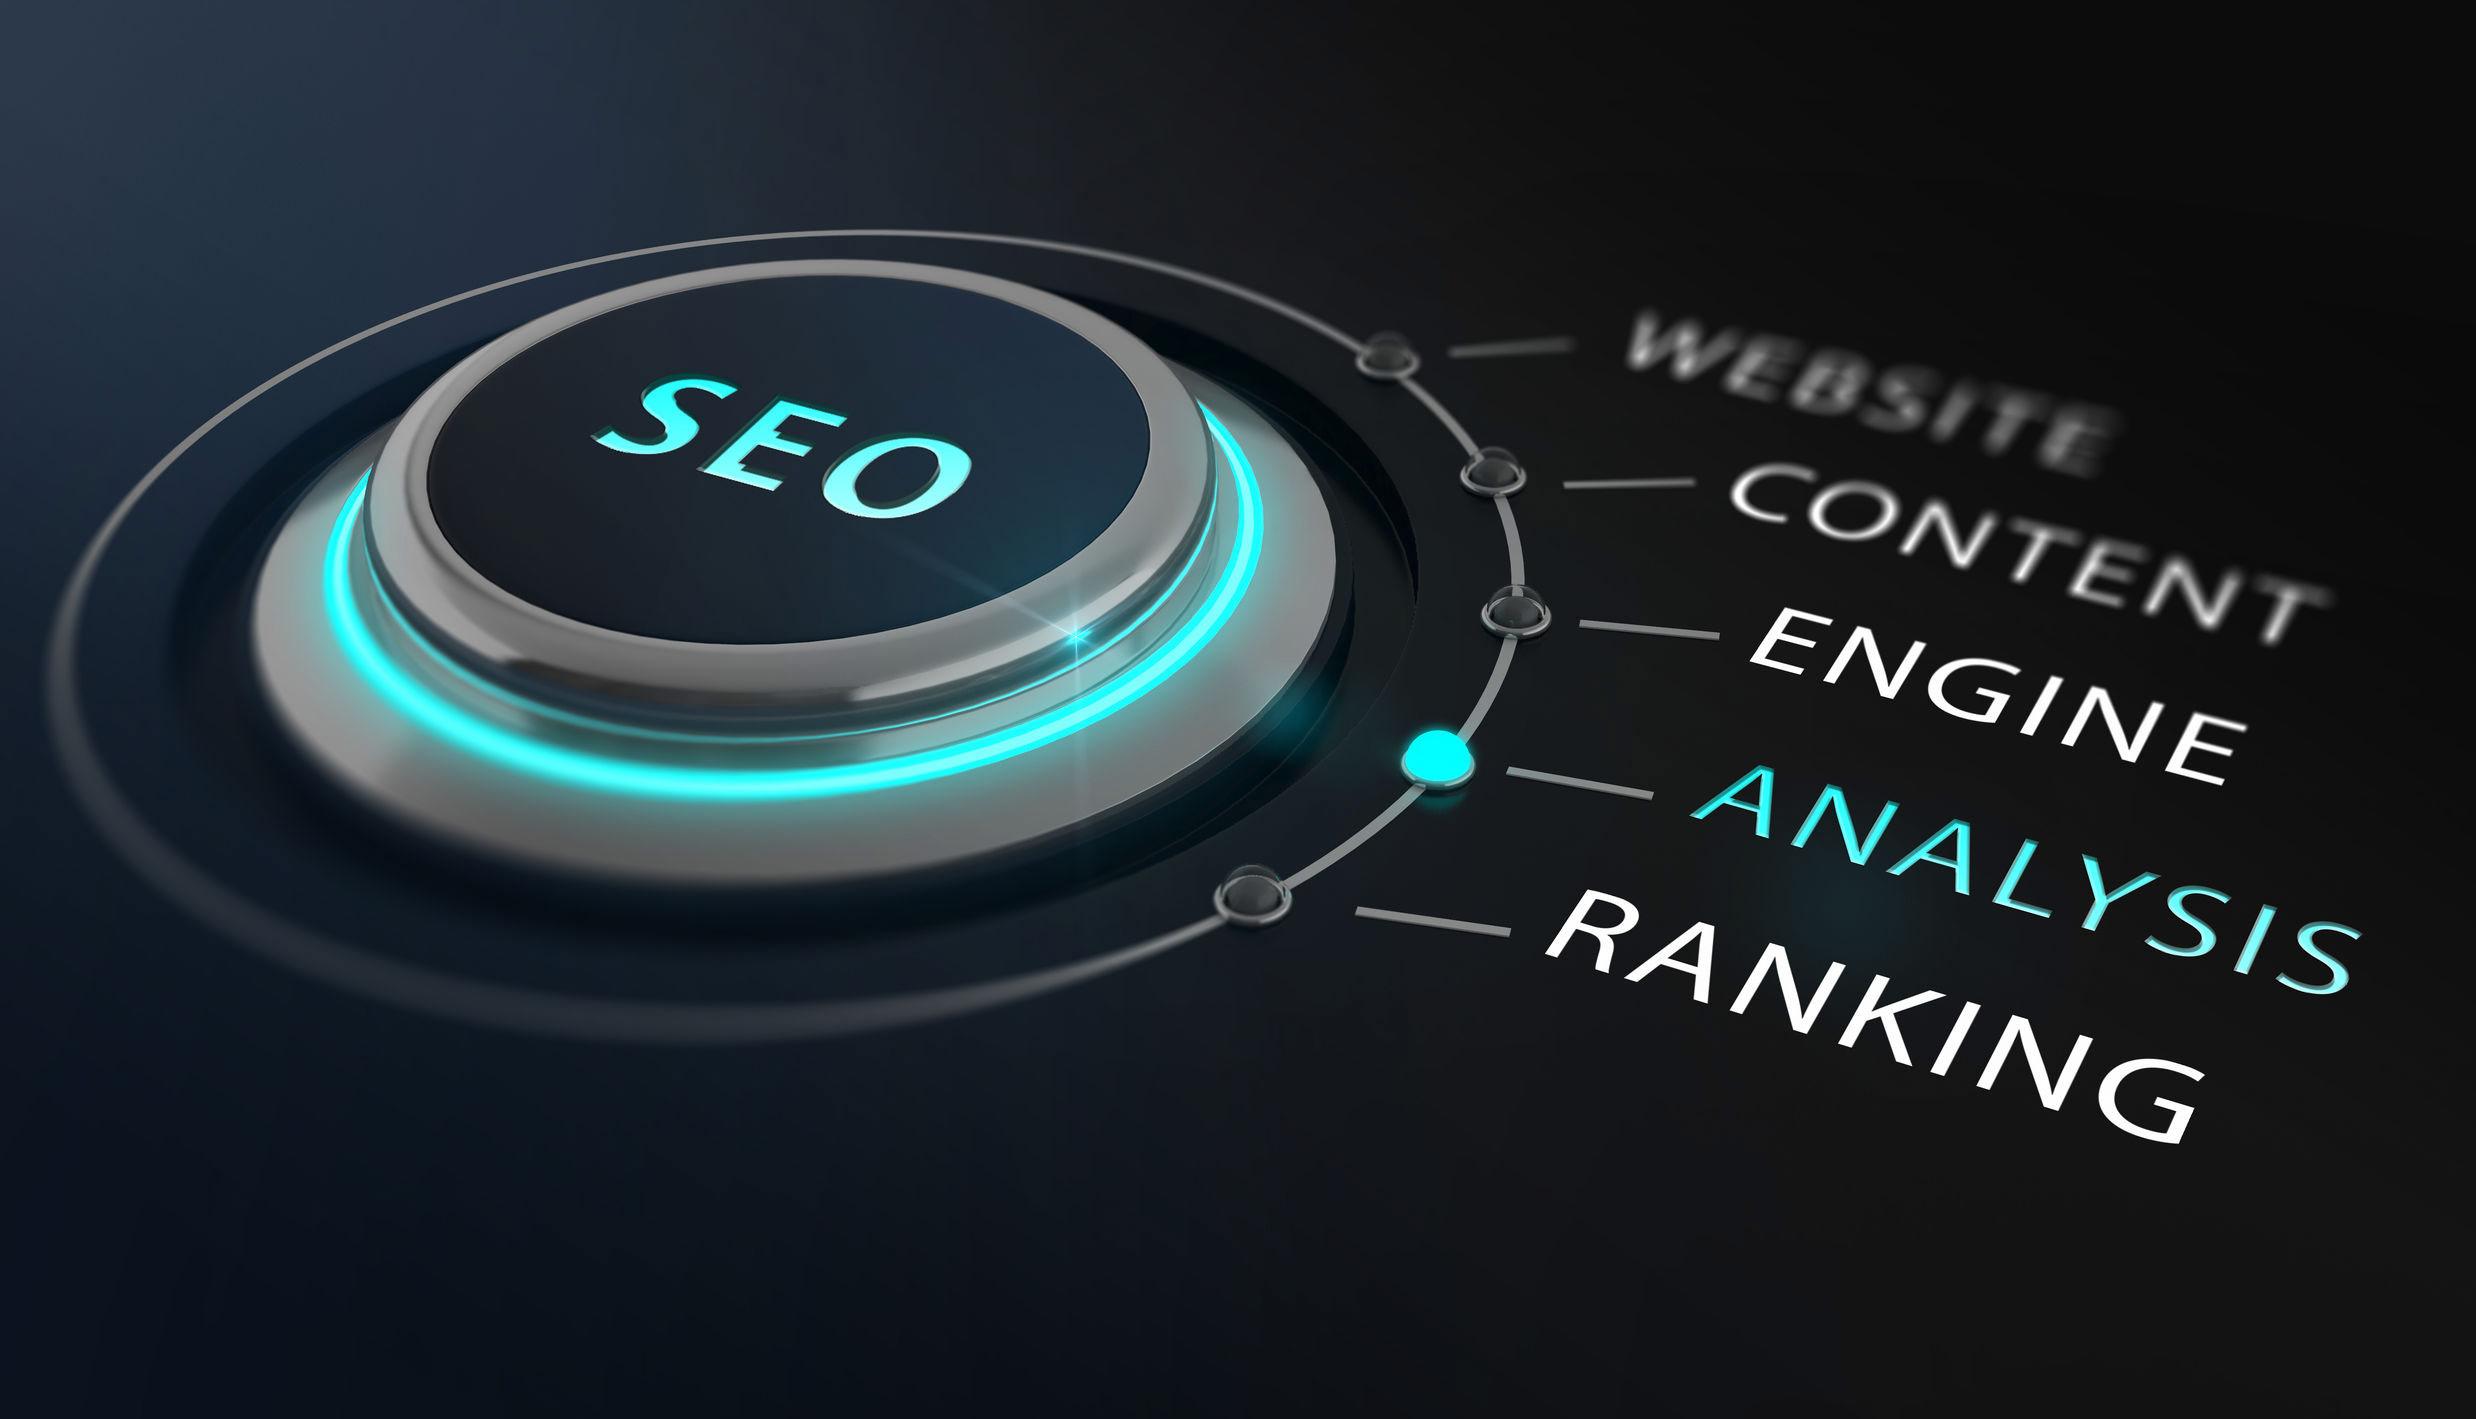 Är användarvänlighet lika viktigt som sökmotoroptimering?